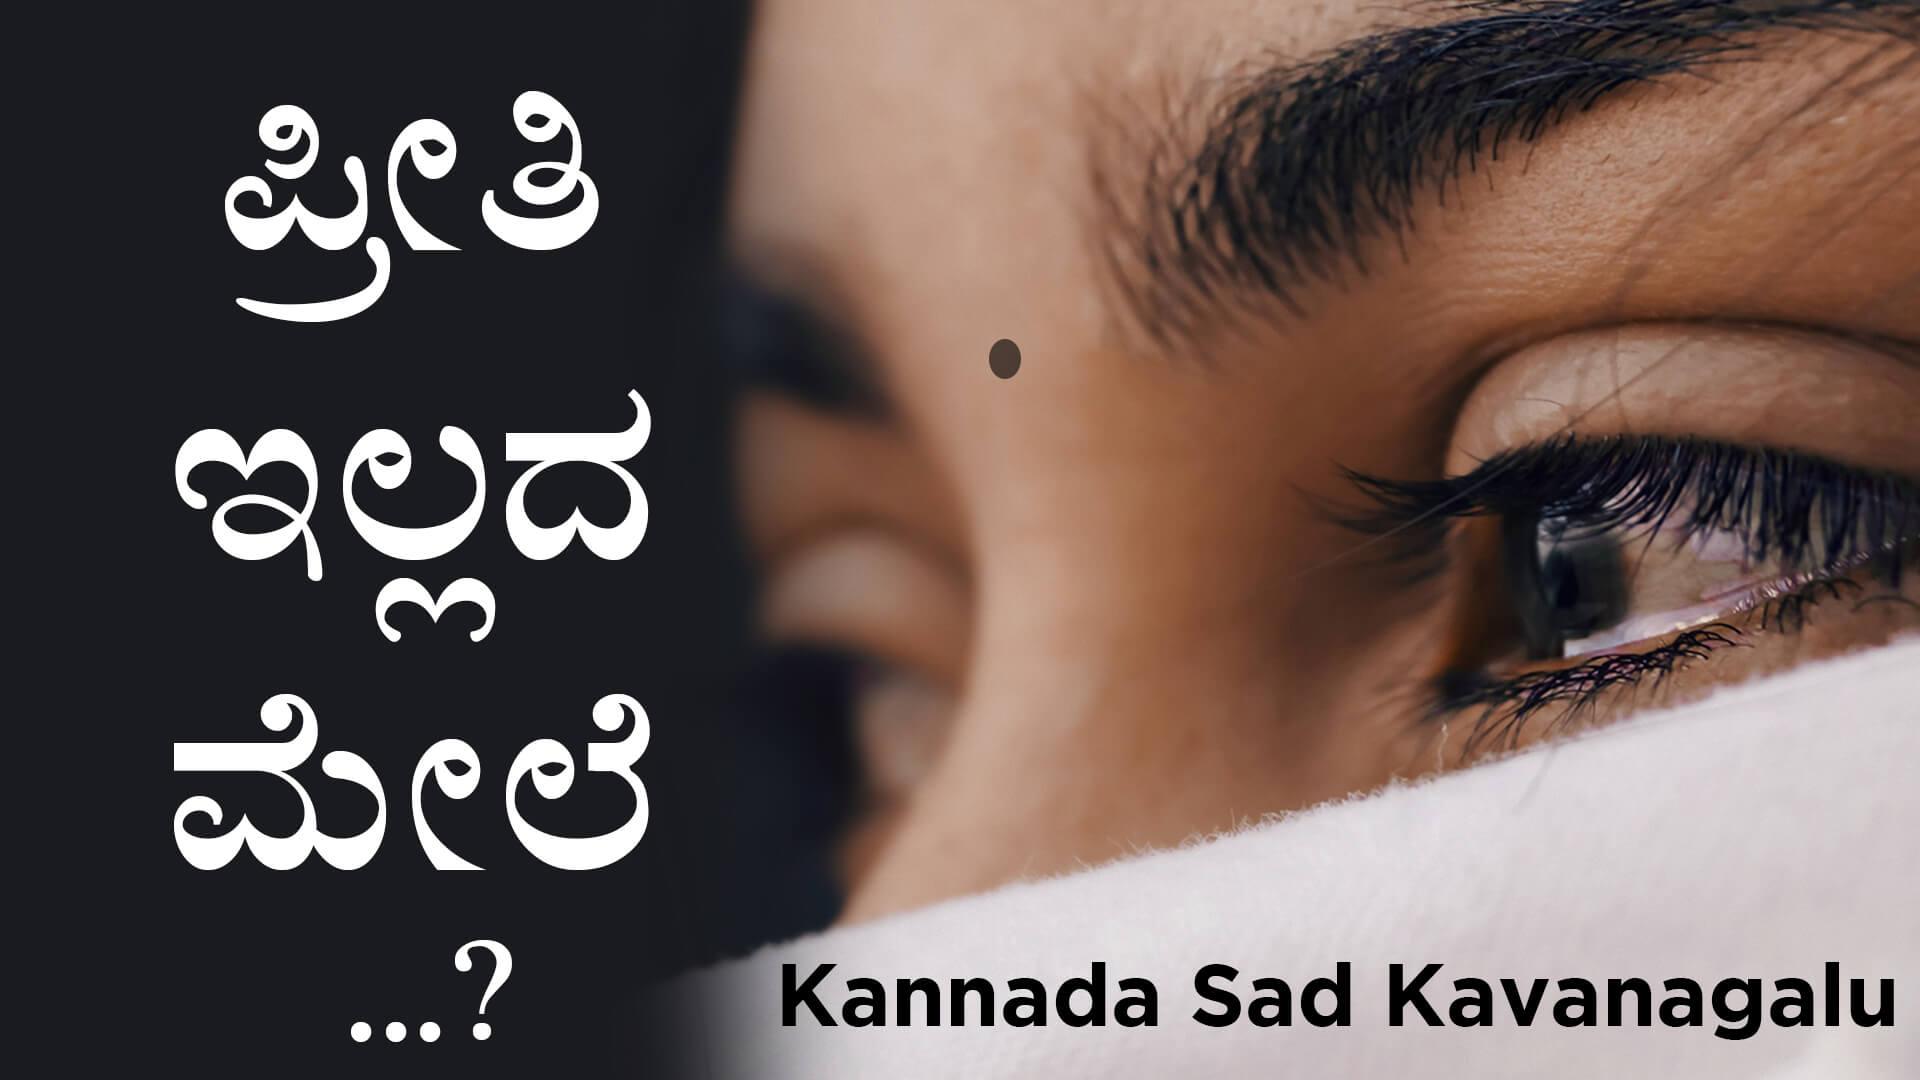 ಪ್ರೀತಿ ಇಲ್ಲದ ಮೇಲೆ - Kannada Sad Prema Kavanagalu